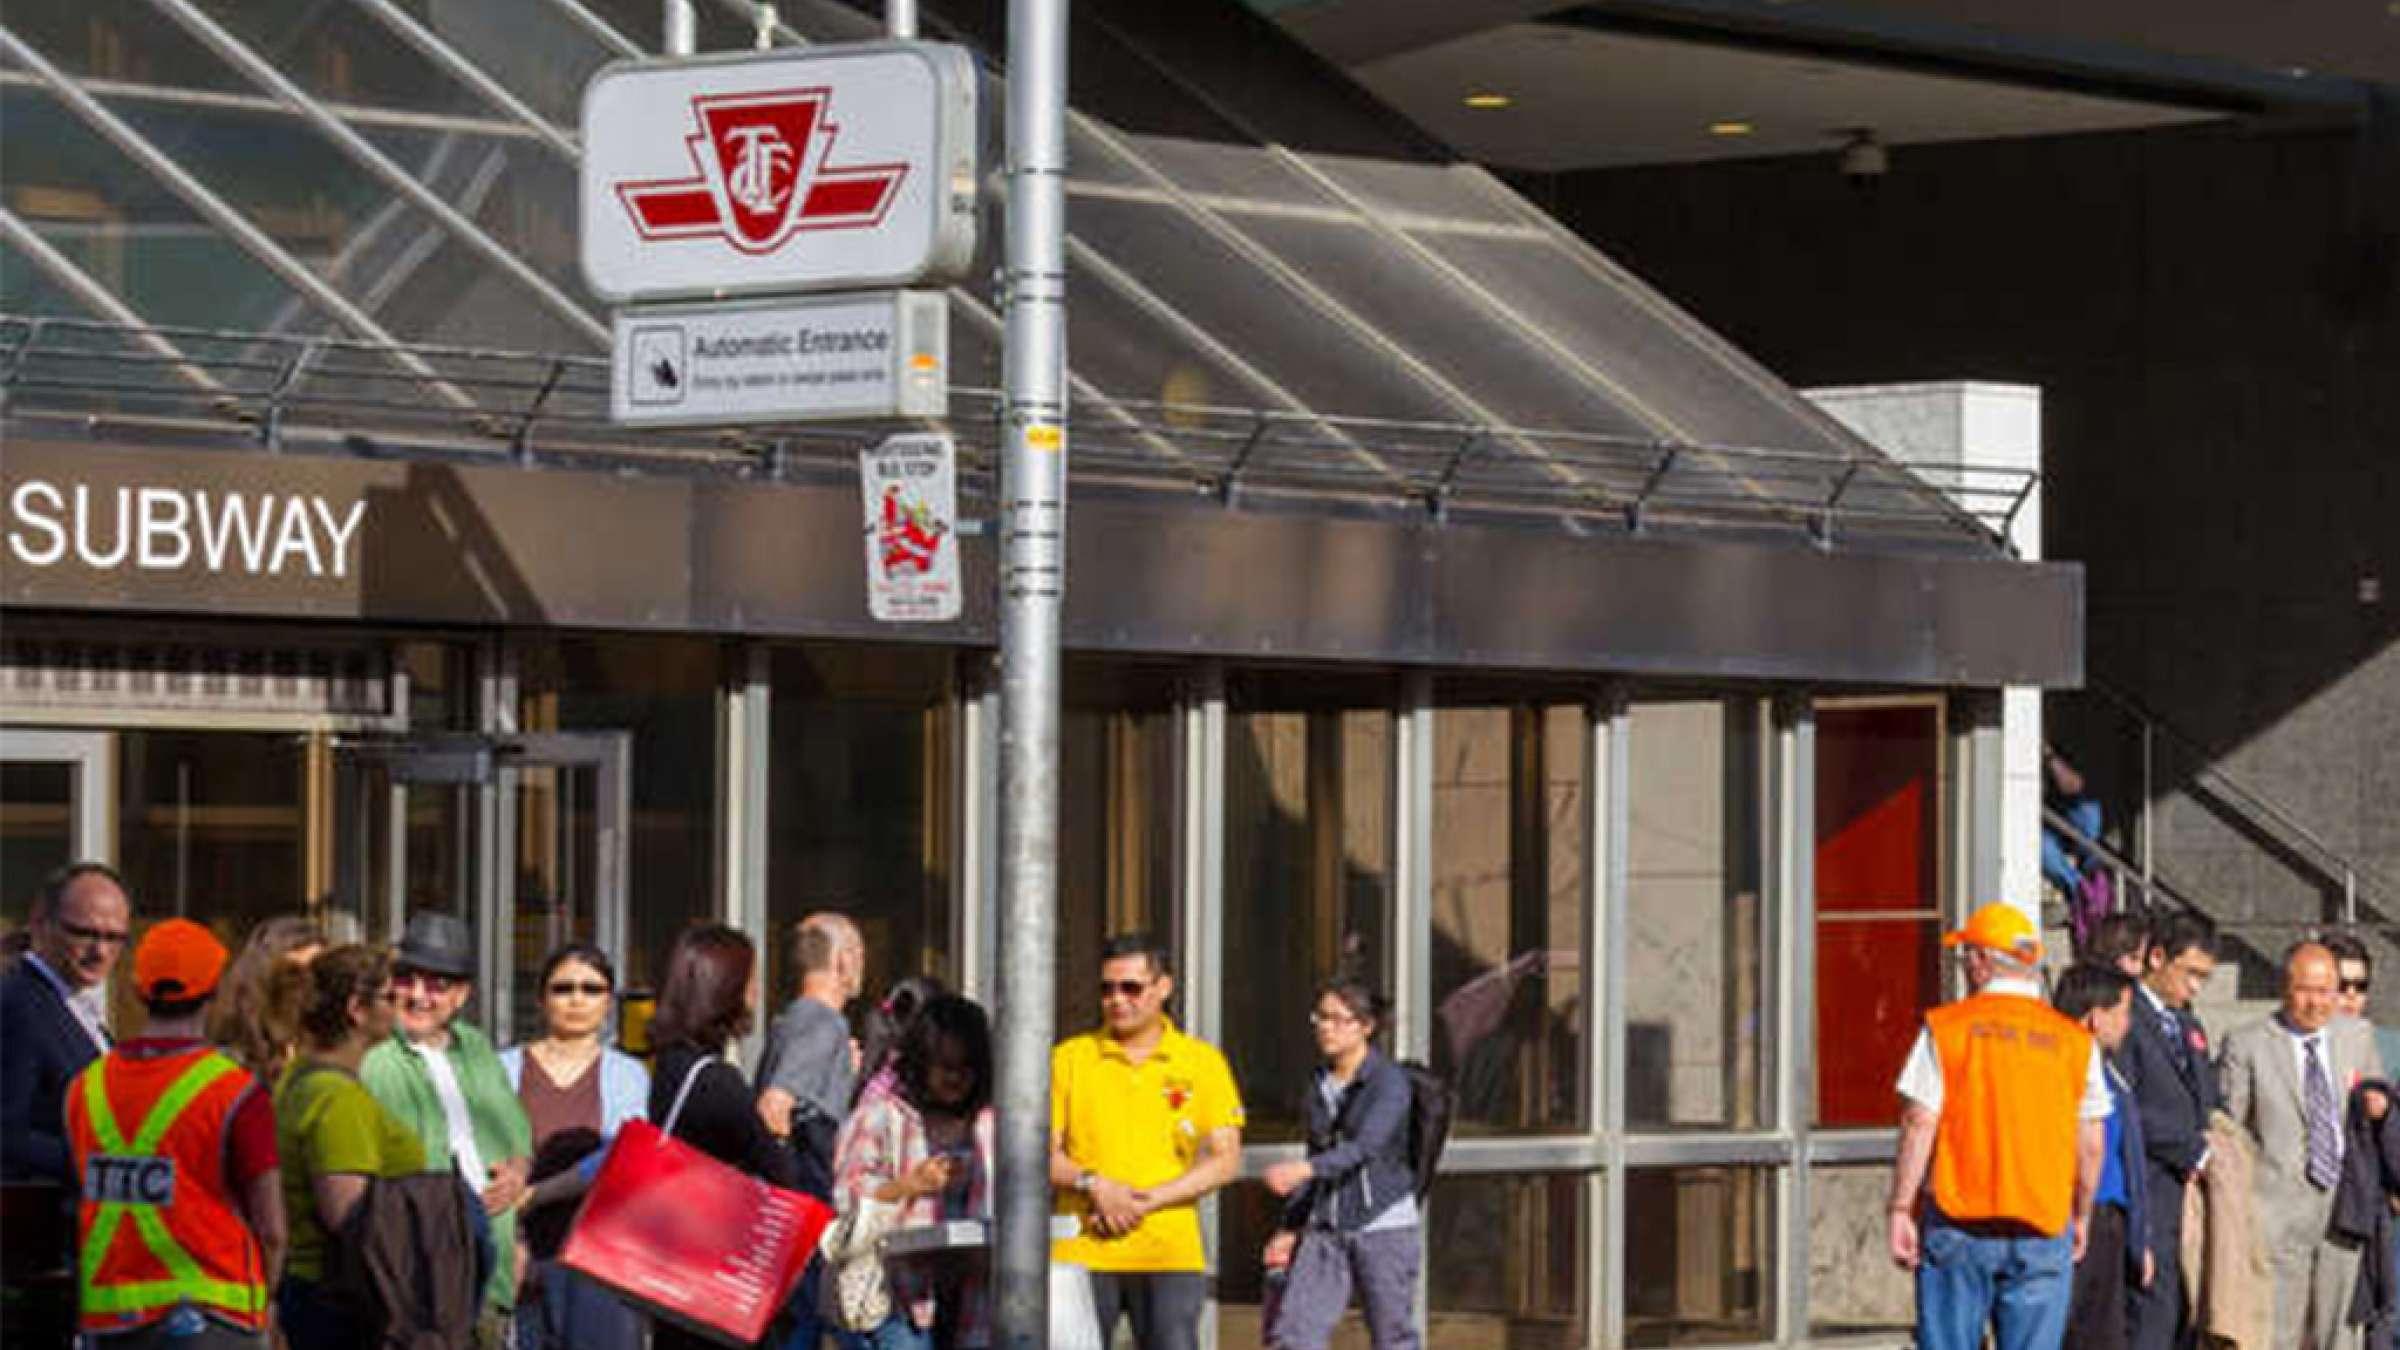 اخبار-تورنتو-آغاز-چهار-خط-جدید-حمل-و-نقل-برای-تورنتو